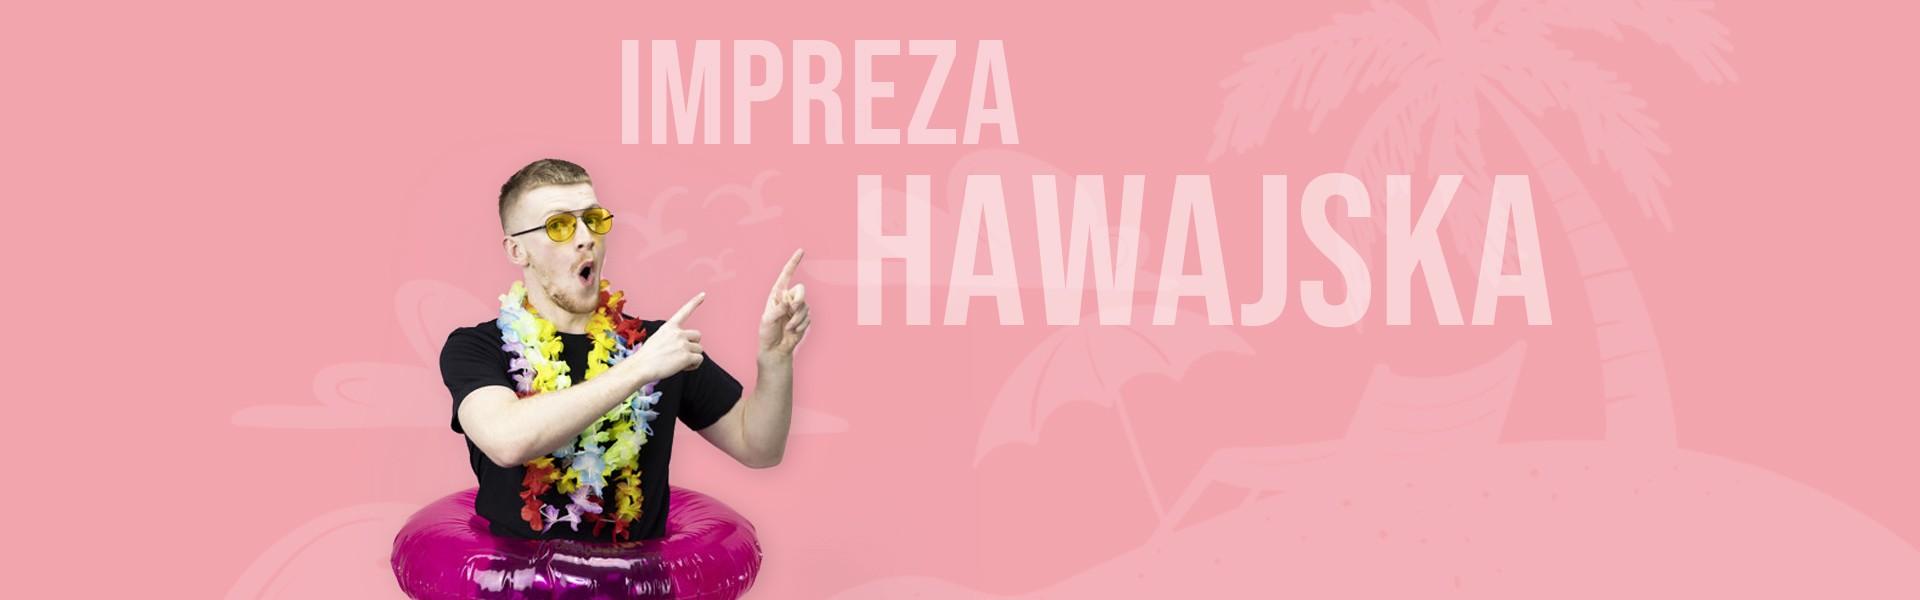 Impreza w stylu hawajskim w sam raz na lato. Naszyjniki hawajskie, kapelusze, dekoracje i gadżęty hawajskie.